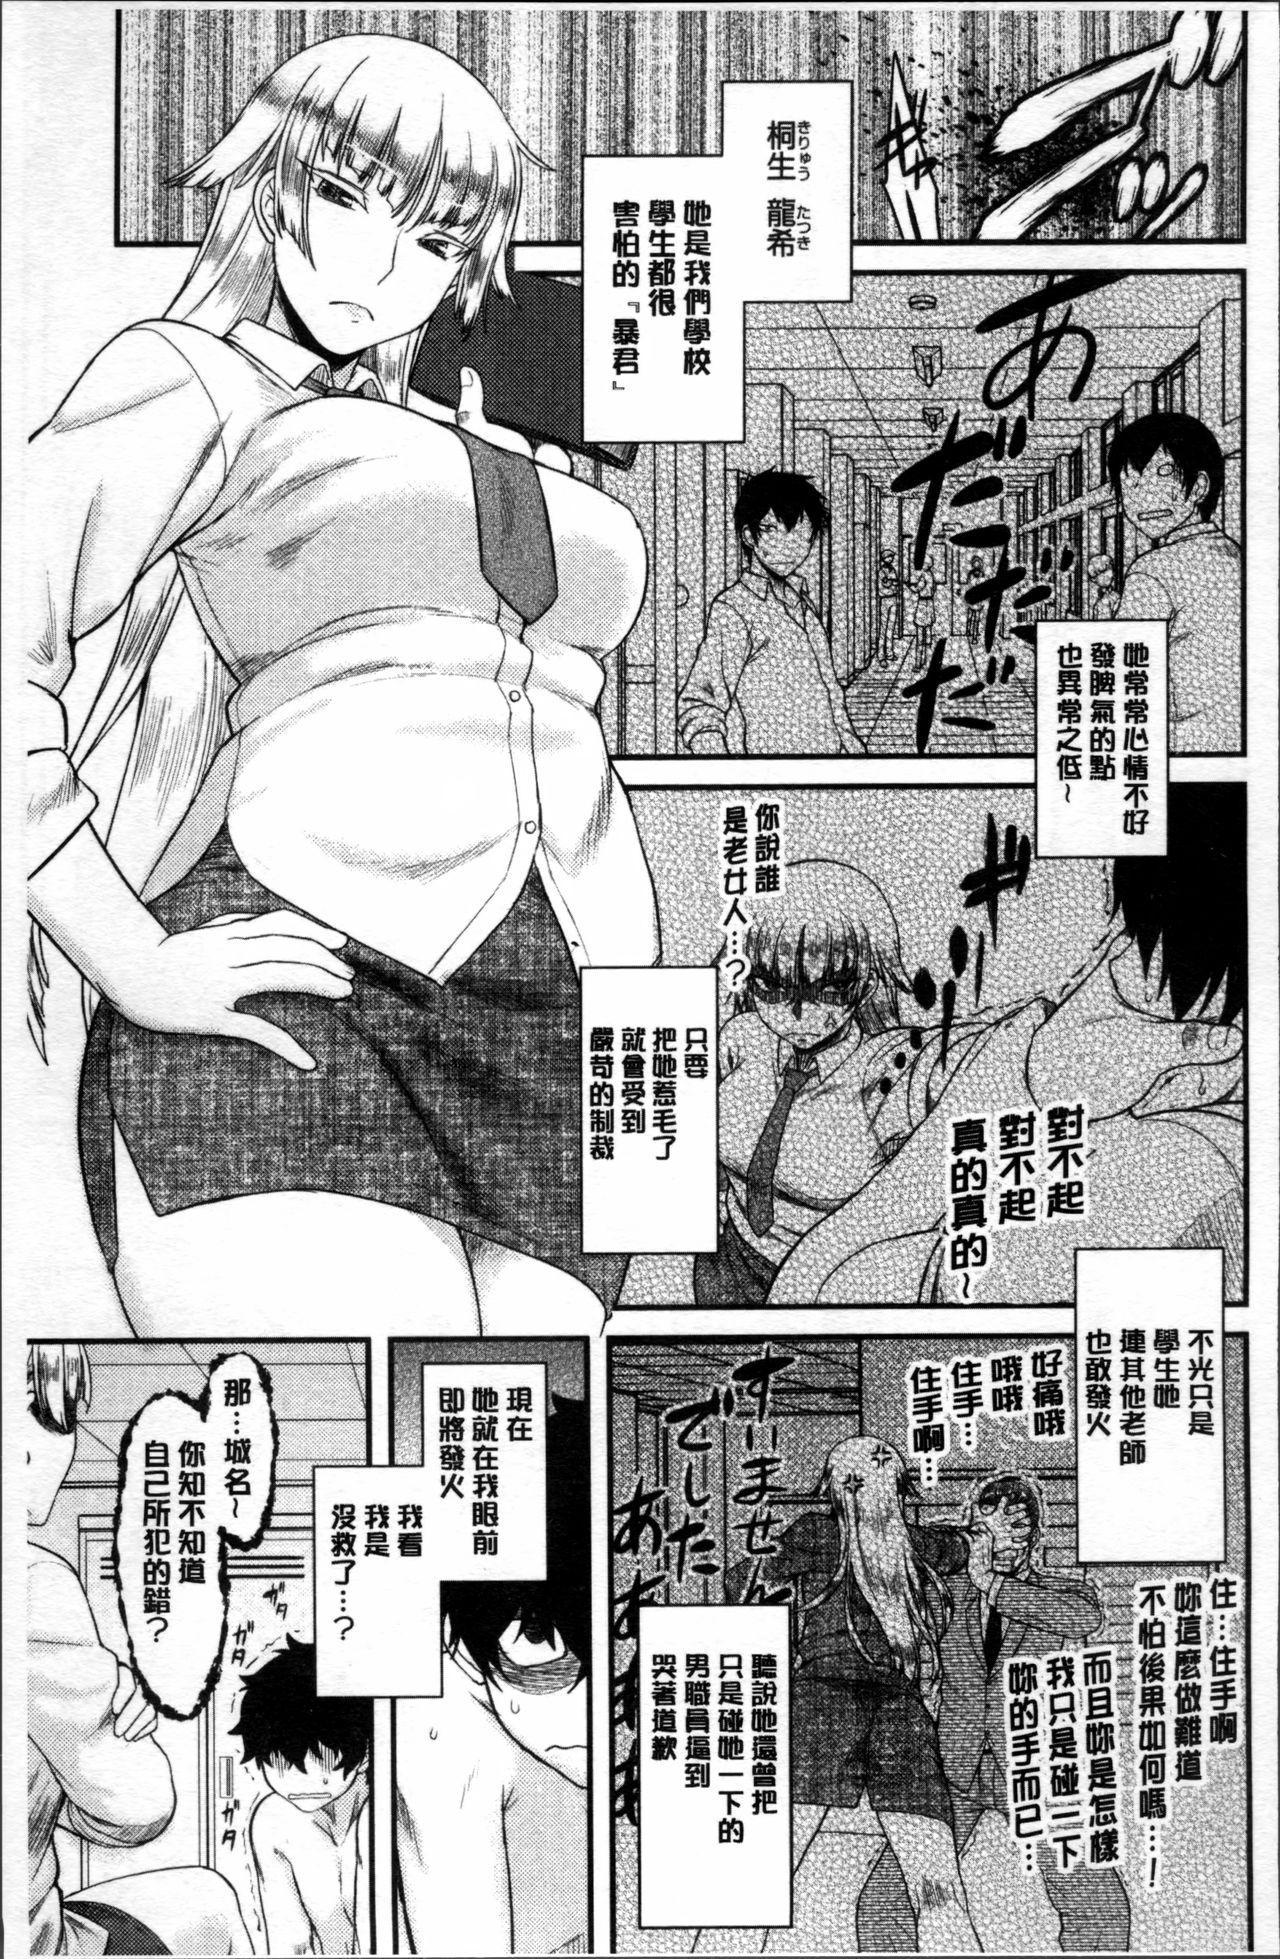 Hatsukoi Splash! 45